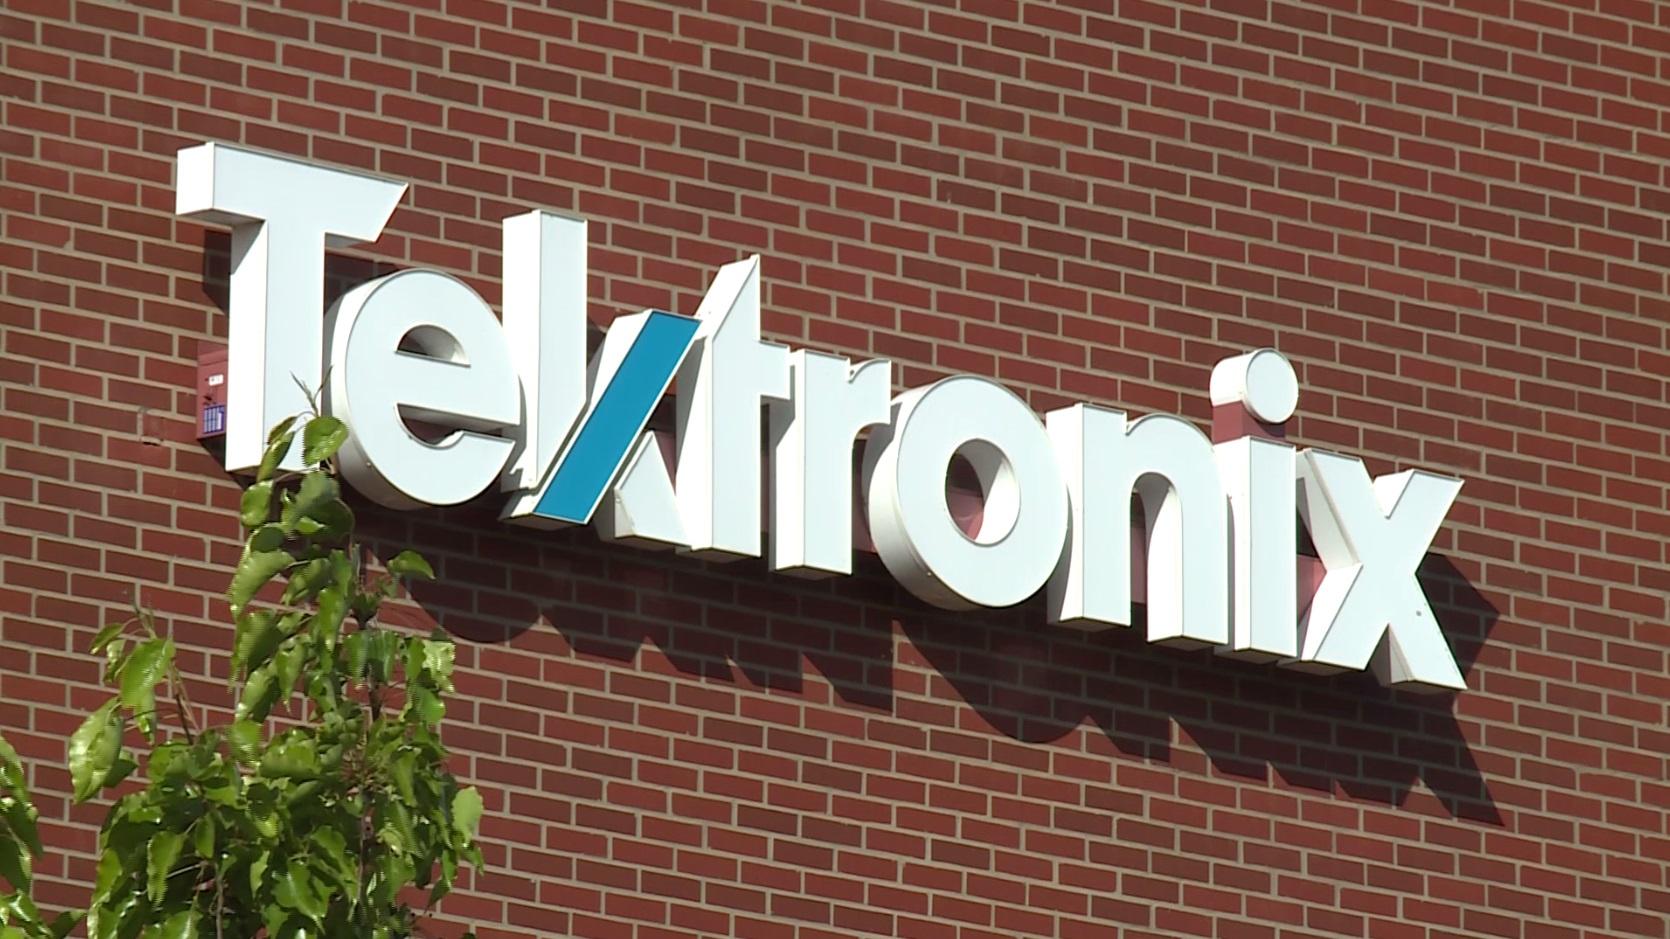 tektronix now_1558323664677.jpg.jpg